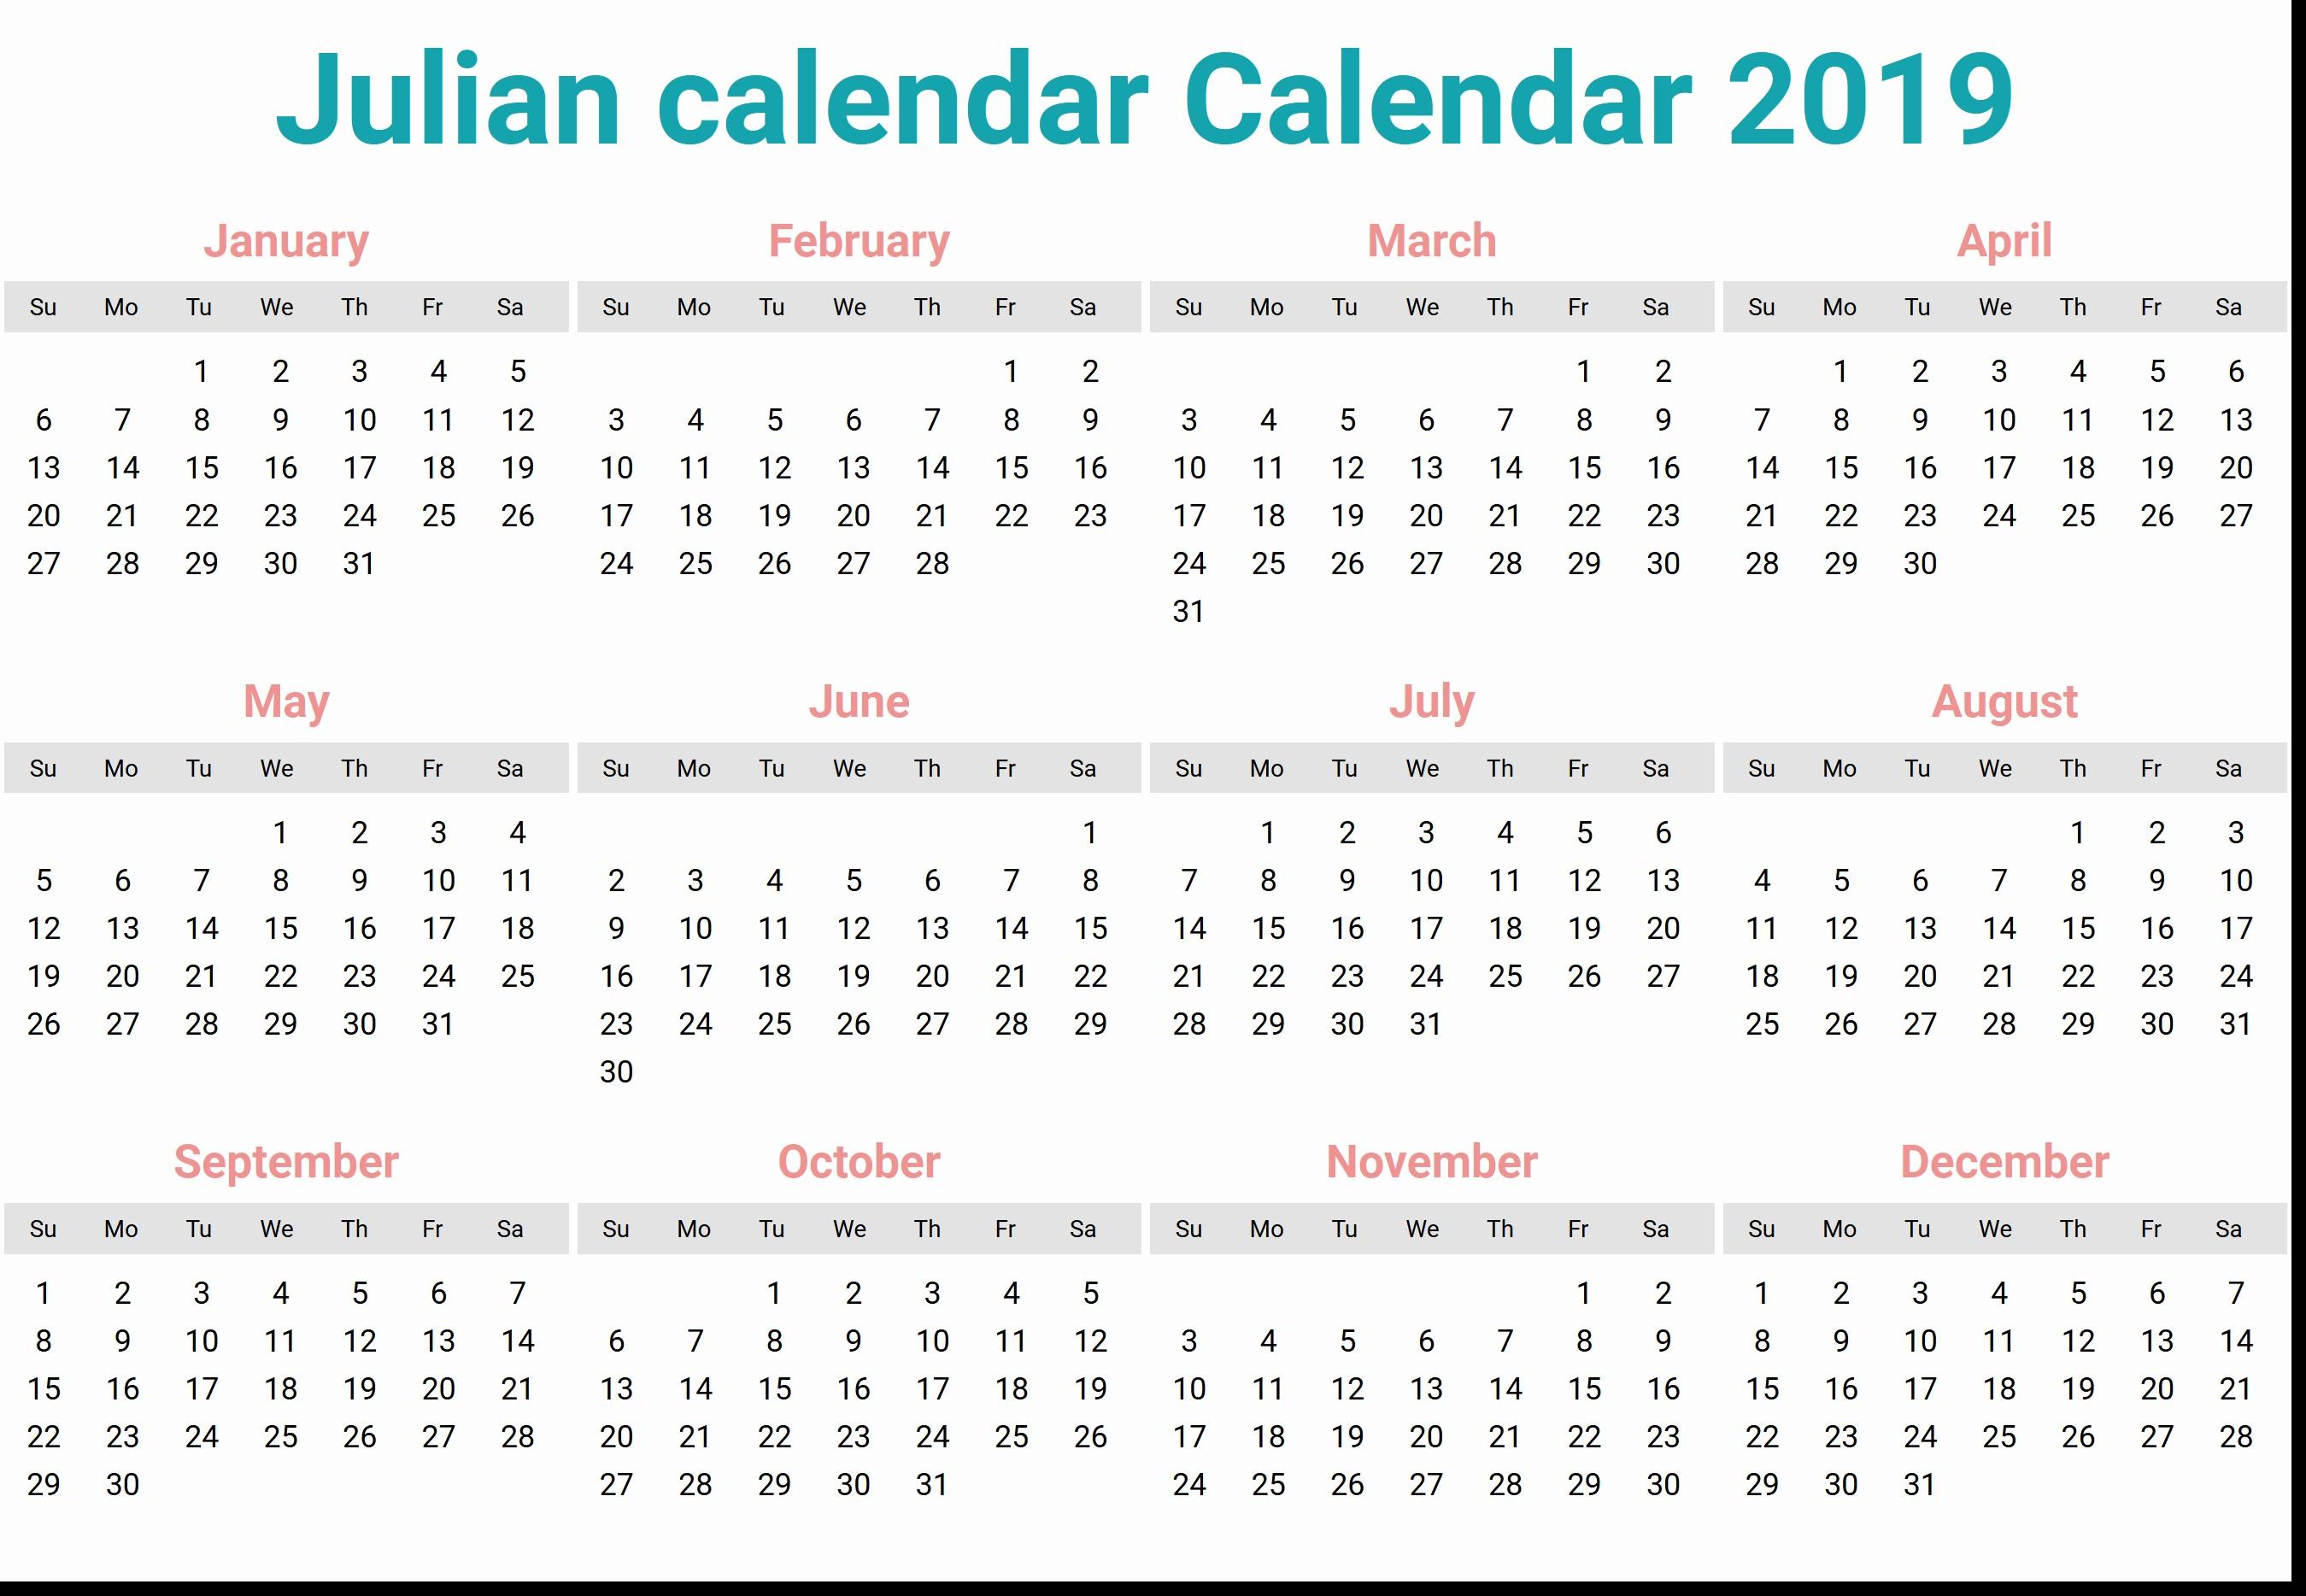 Calendar Julian  Neyar.kristinejaynephotography inside Quadax Julian Calendar 2020